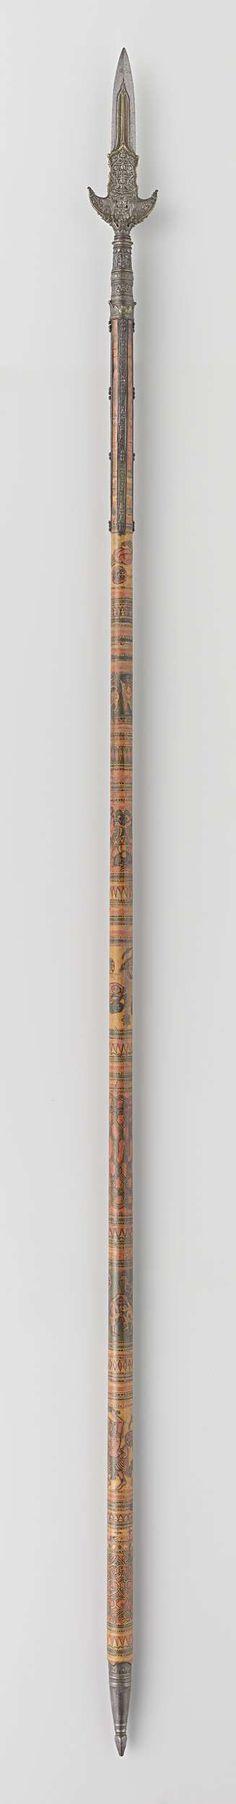   Partizaan van het wapenrek door Indische groten geschonken aan Gouverneur-Generaal J.C. baron Baud, c. 1700 - c. 1800   Ronde houten schacht beschilderd in zwart, rood, geel en groen met voorstellingen van Boddhisattva's, menselijke figuren en geometrische motieven. Onderzijde schacht heeft ijzeren kegelvorm met geschulpte rand en toelopend in stompe vierkante punt. Brede kling uitlopend in scherpe punt, met vier lippen. Kling is rijk versierd in reliëf met boddhisattva's en bloem- en…